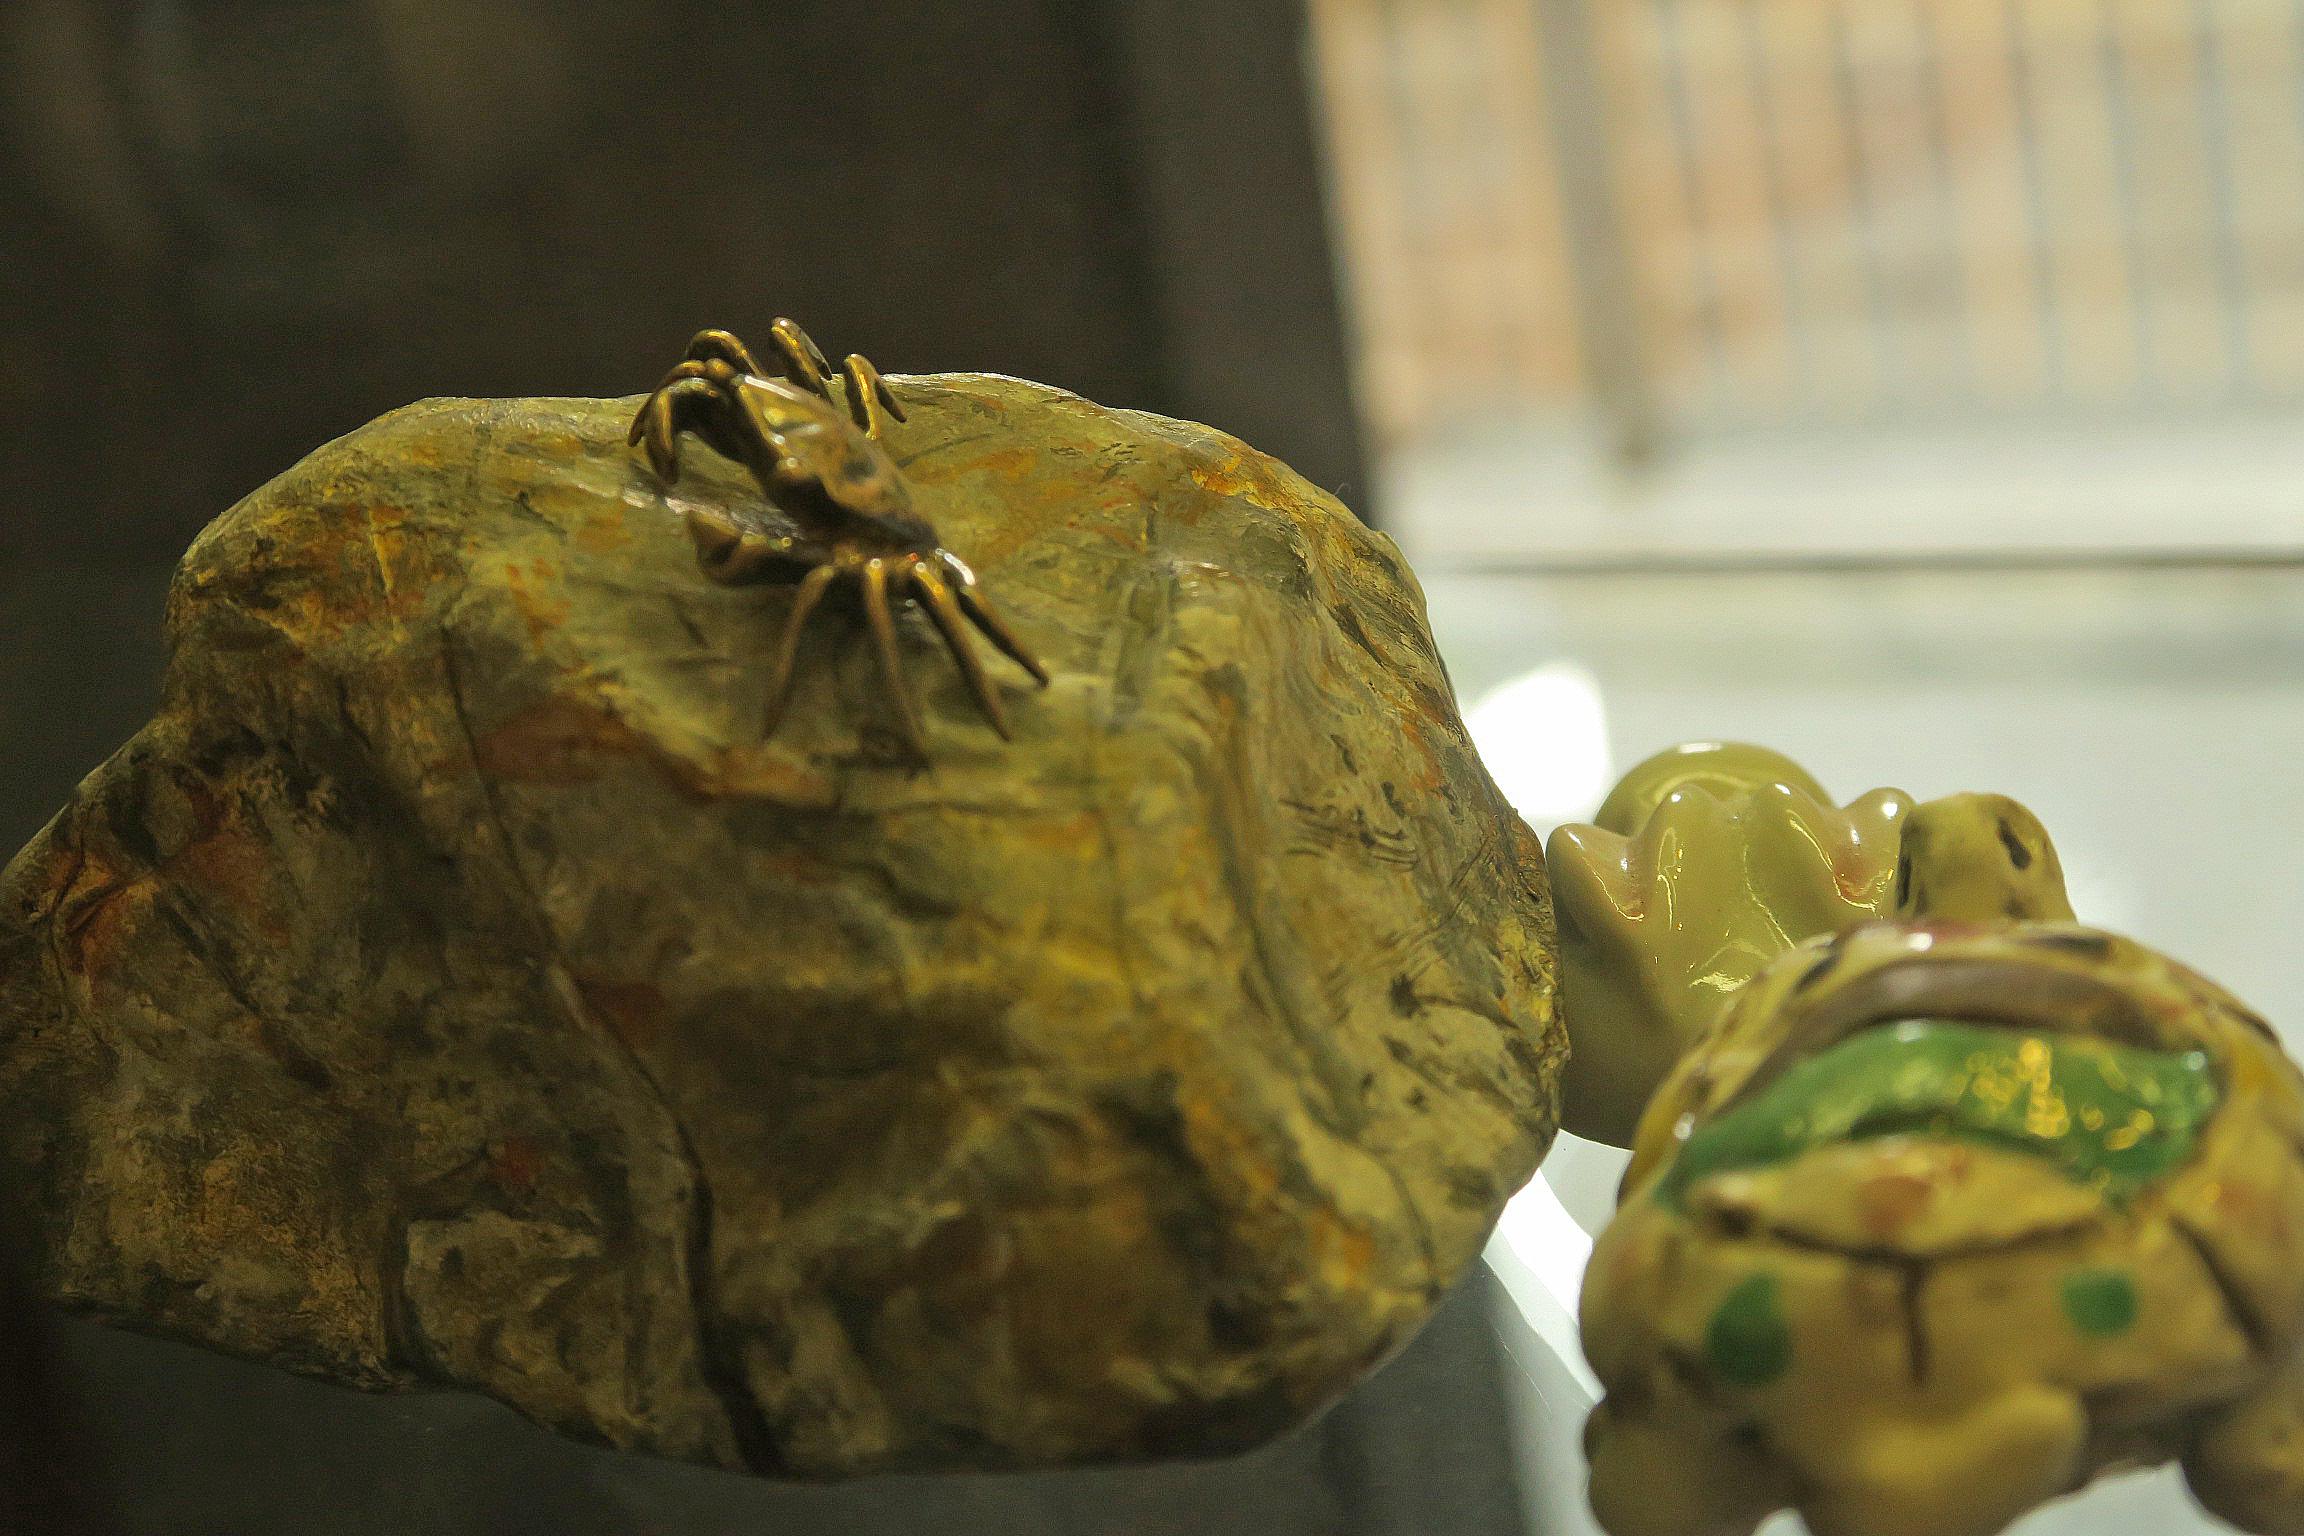 お土産屋に飾られていた石とカニ。残念ながら売り物ではないとのこと。石は紙で出来ているそうです!